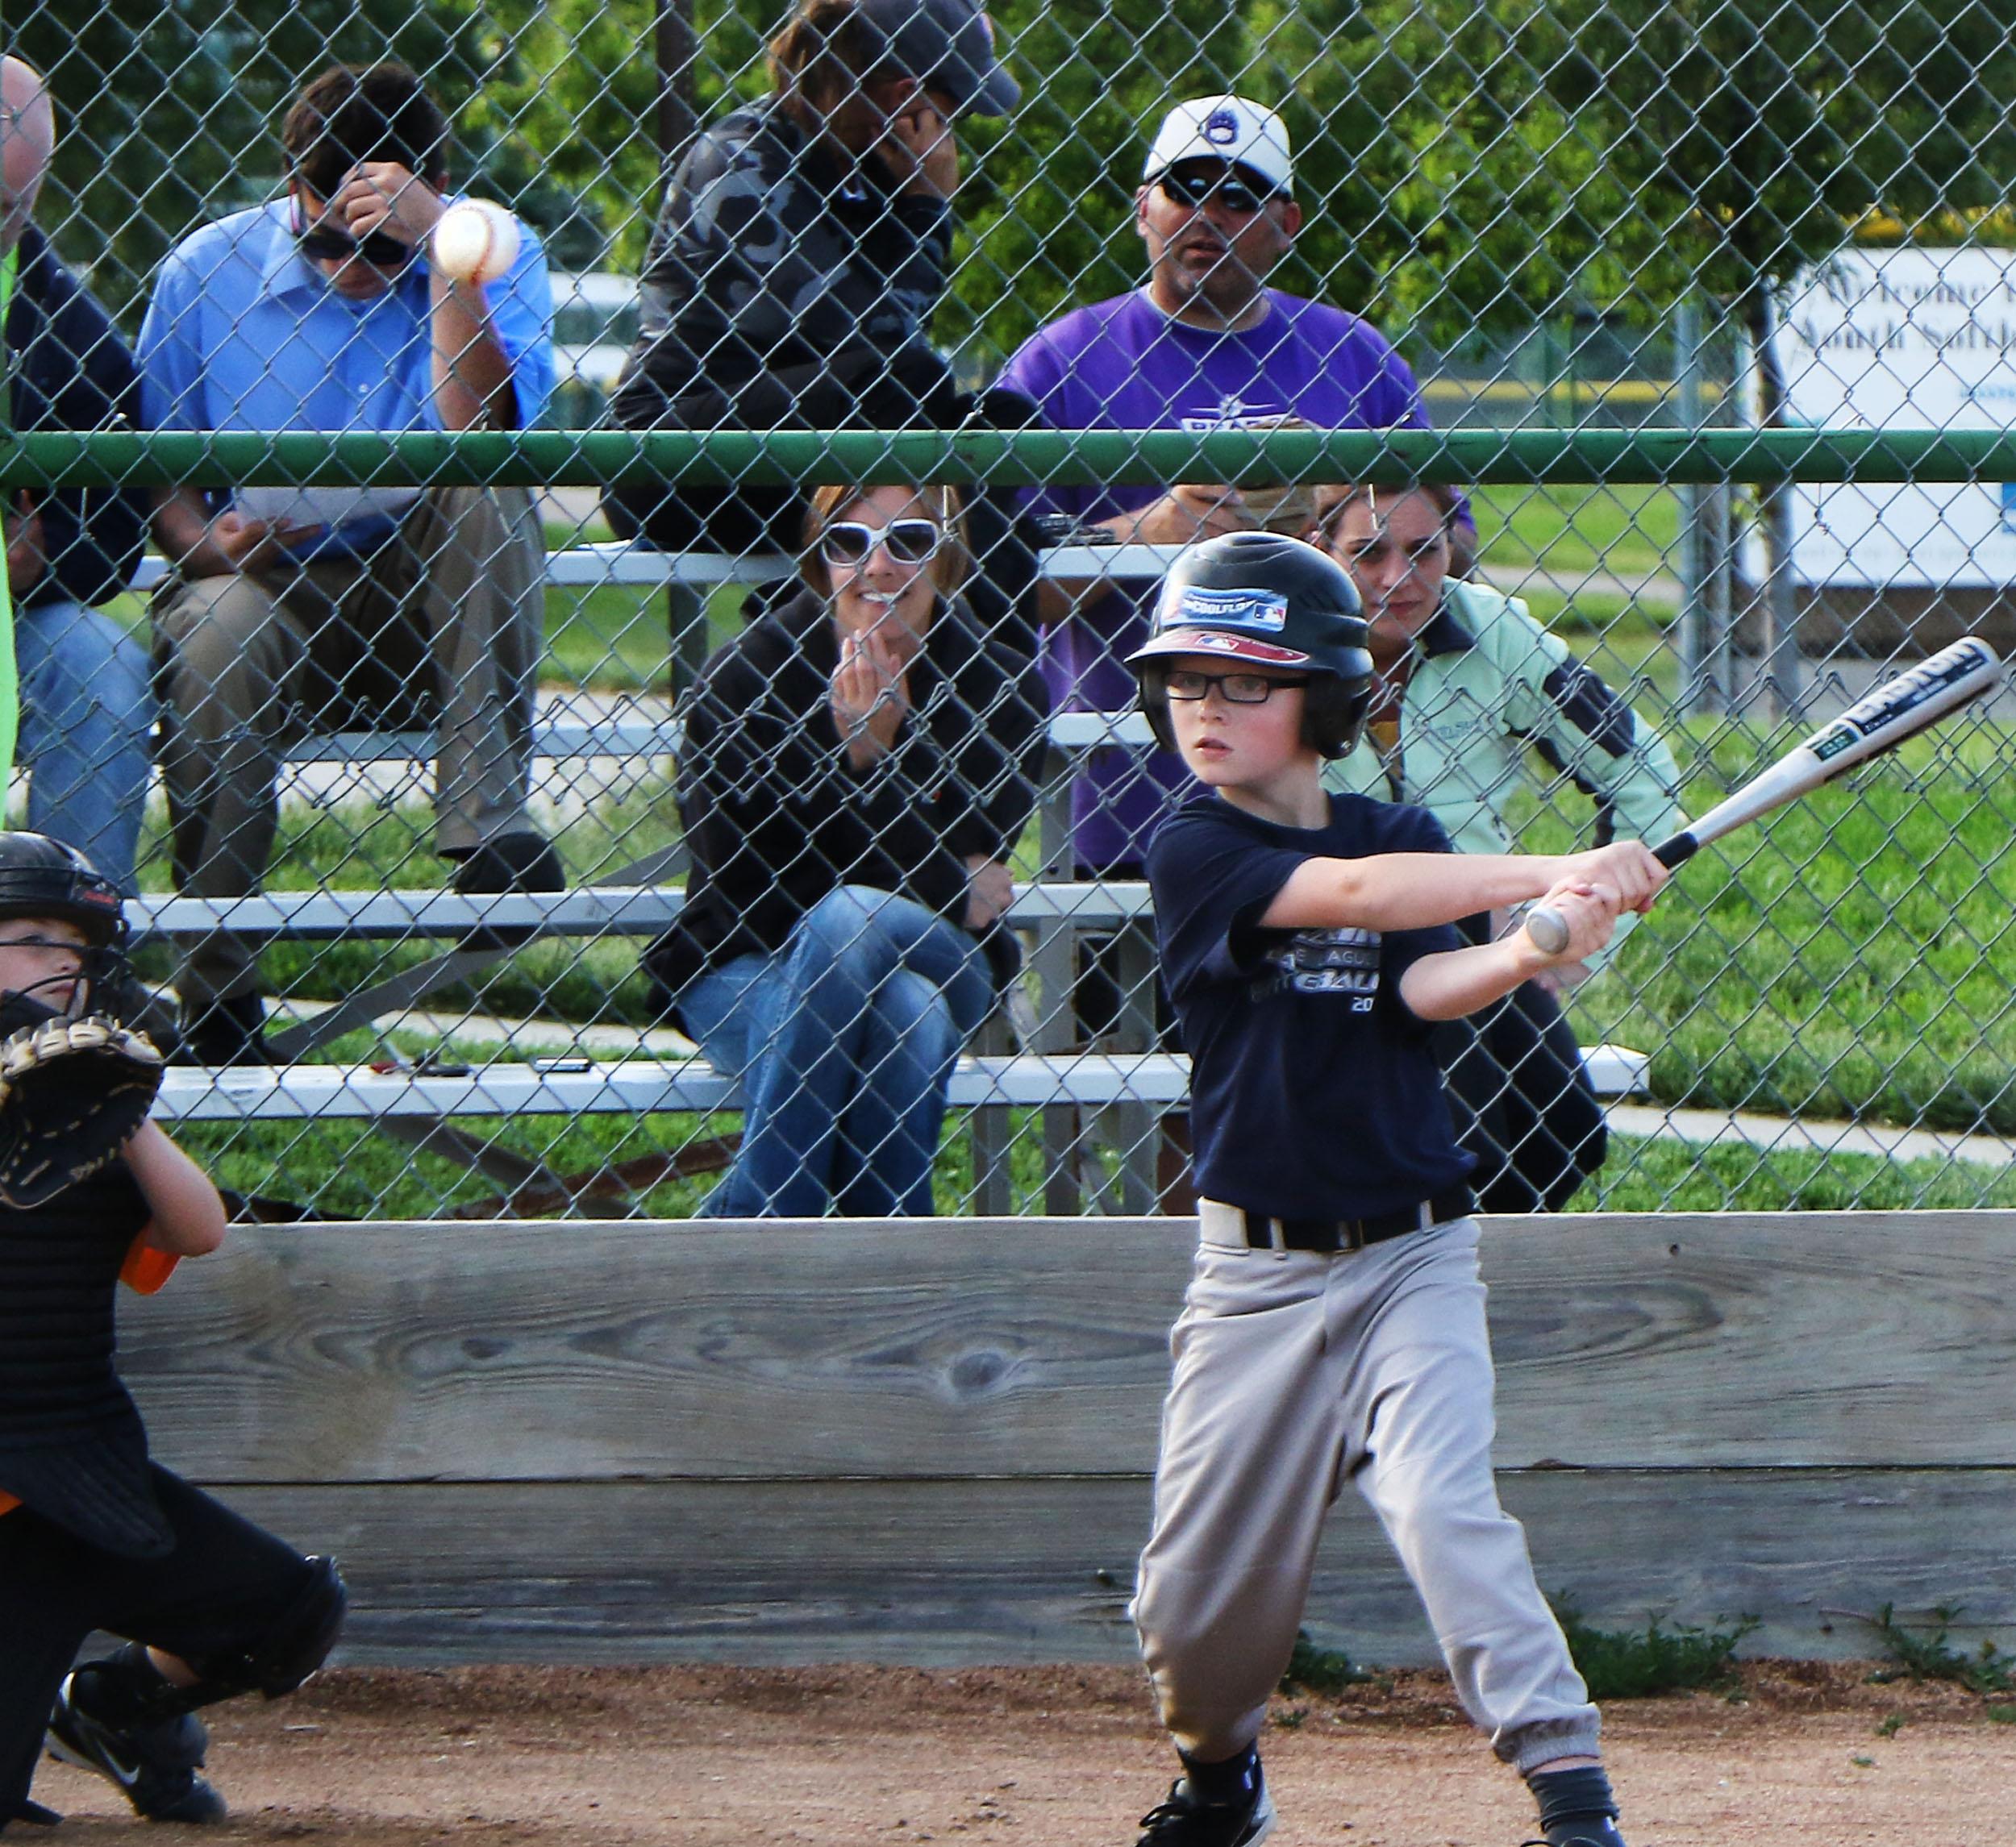 Batter Up! Little League Baseball A Summer Tradition